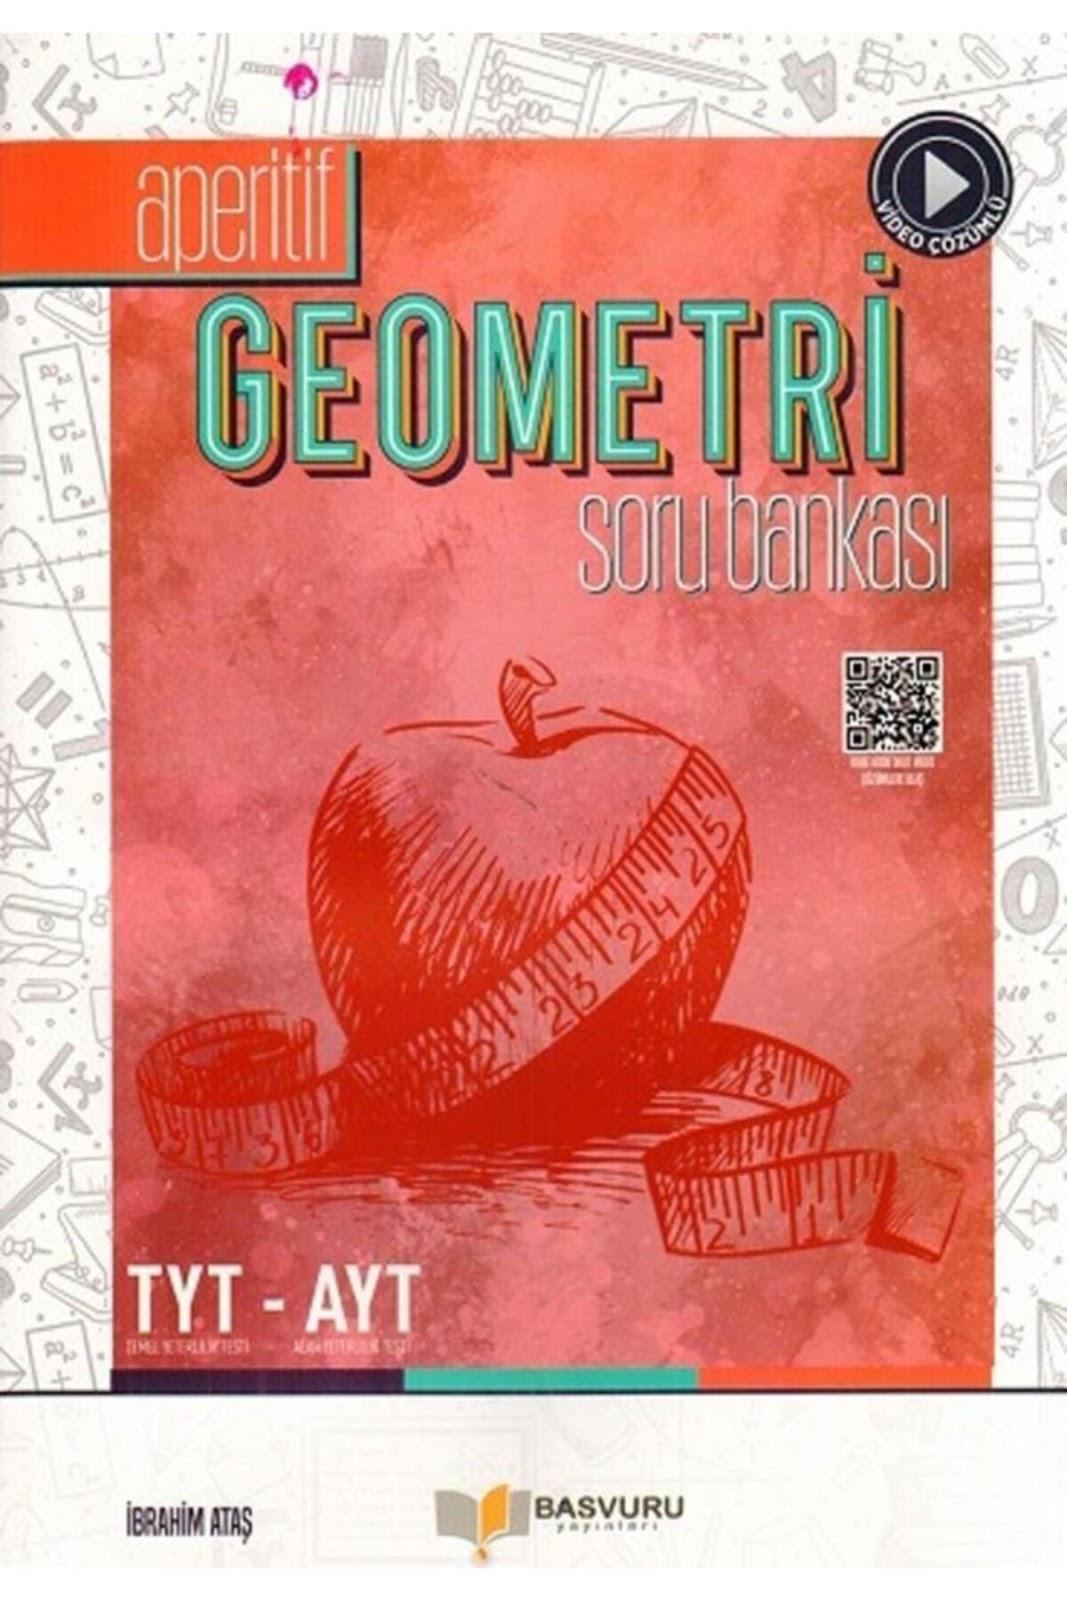 Başvuru Yayınları - TYT AYT Geometri - Aperetif Soru Bankası